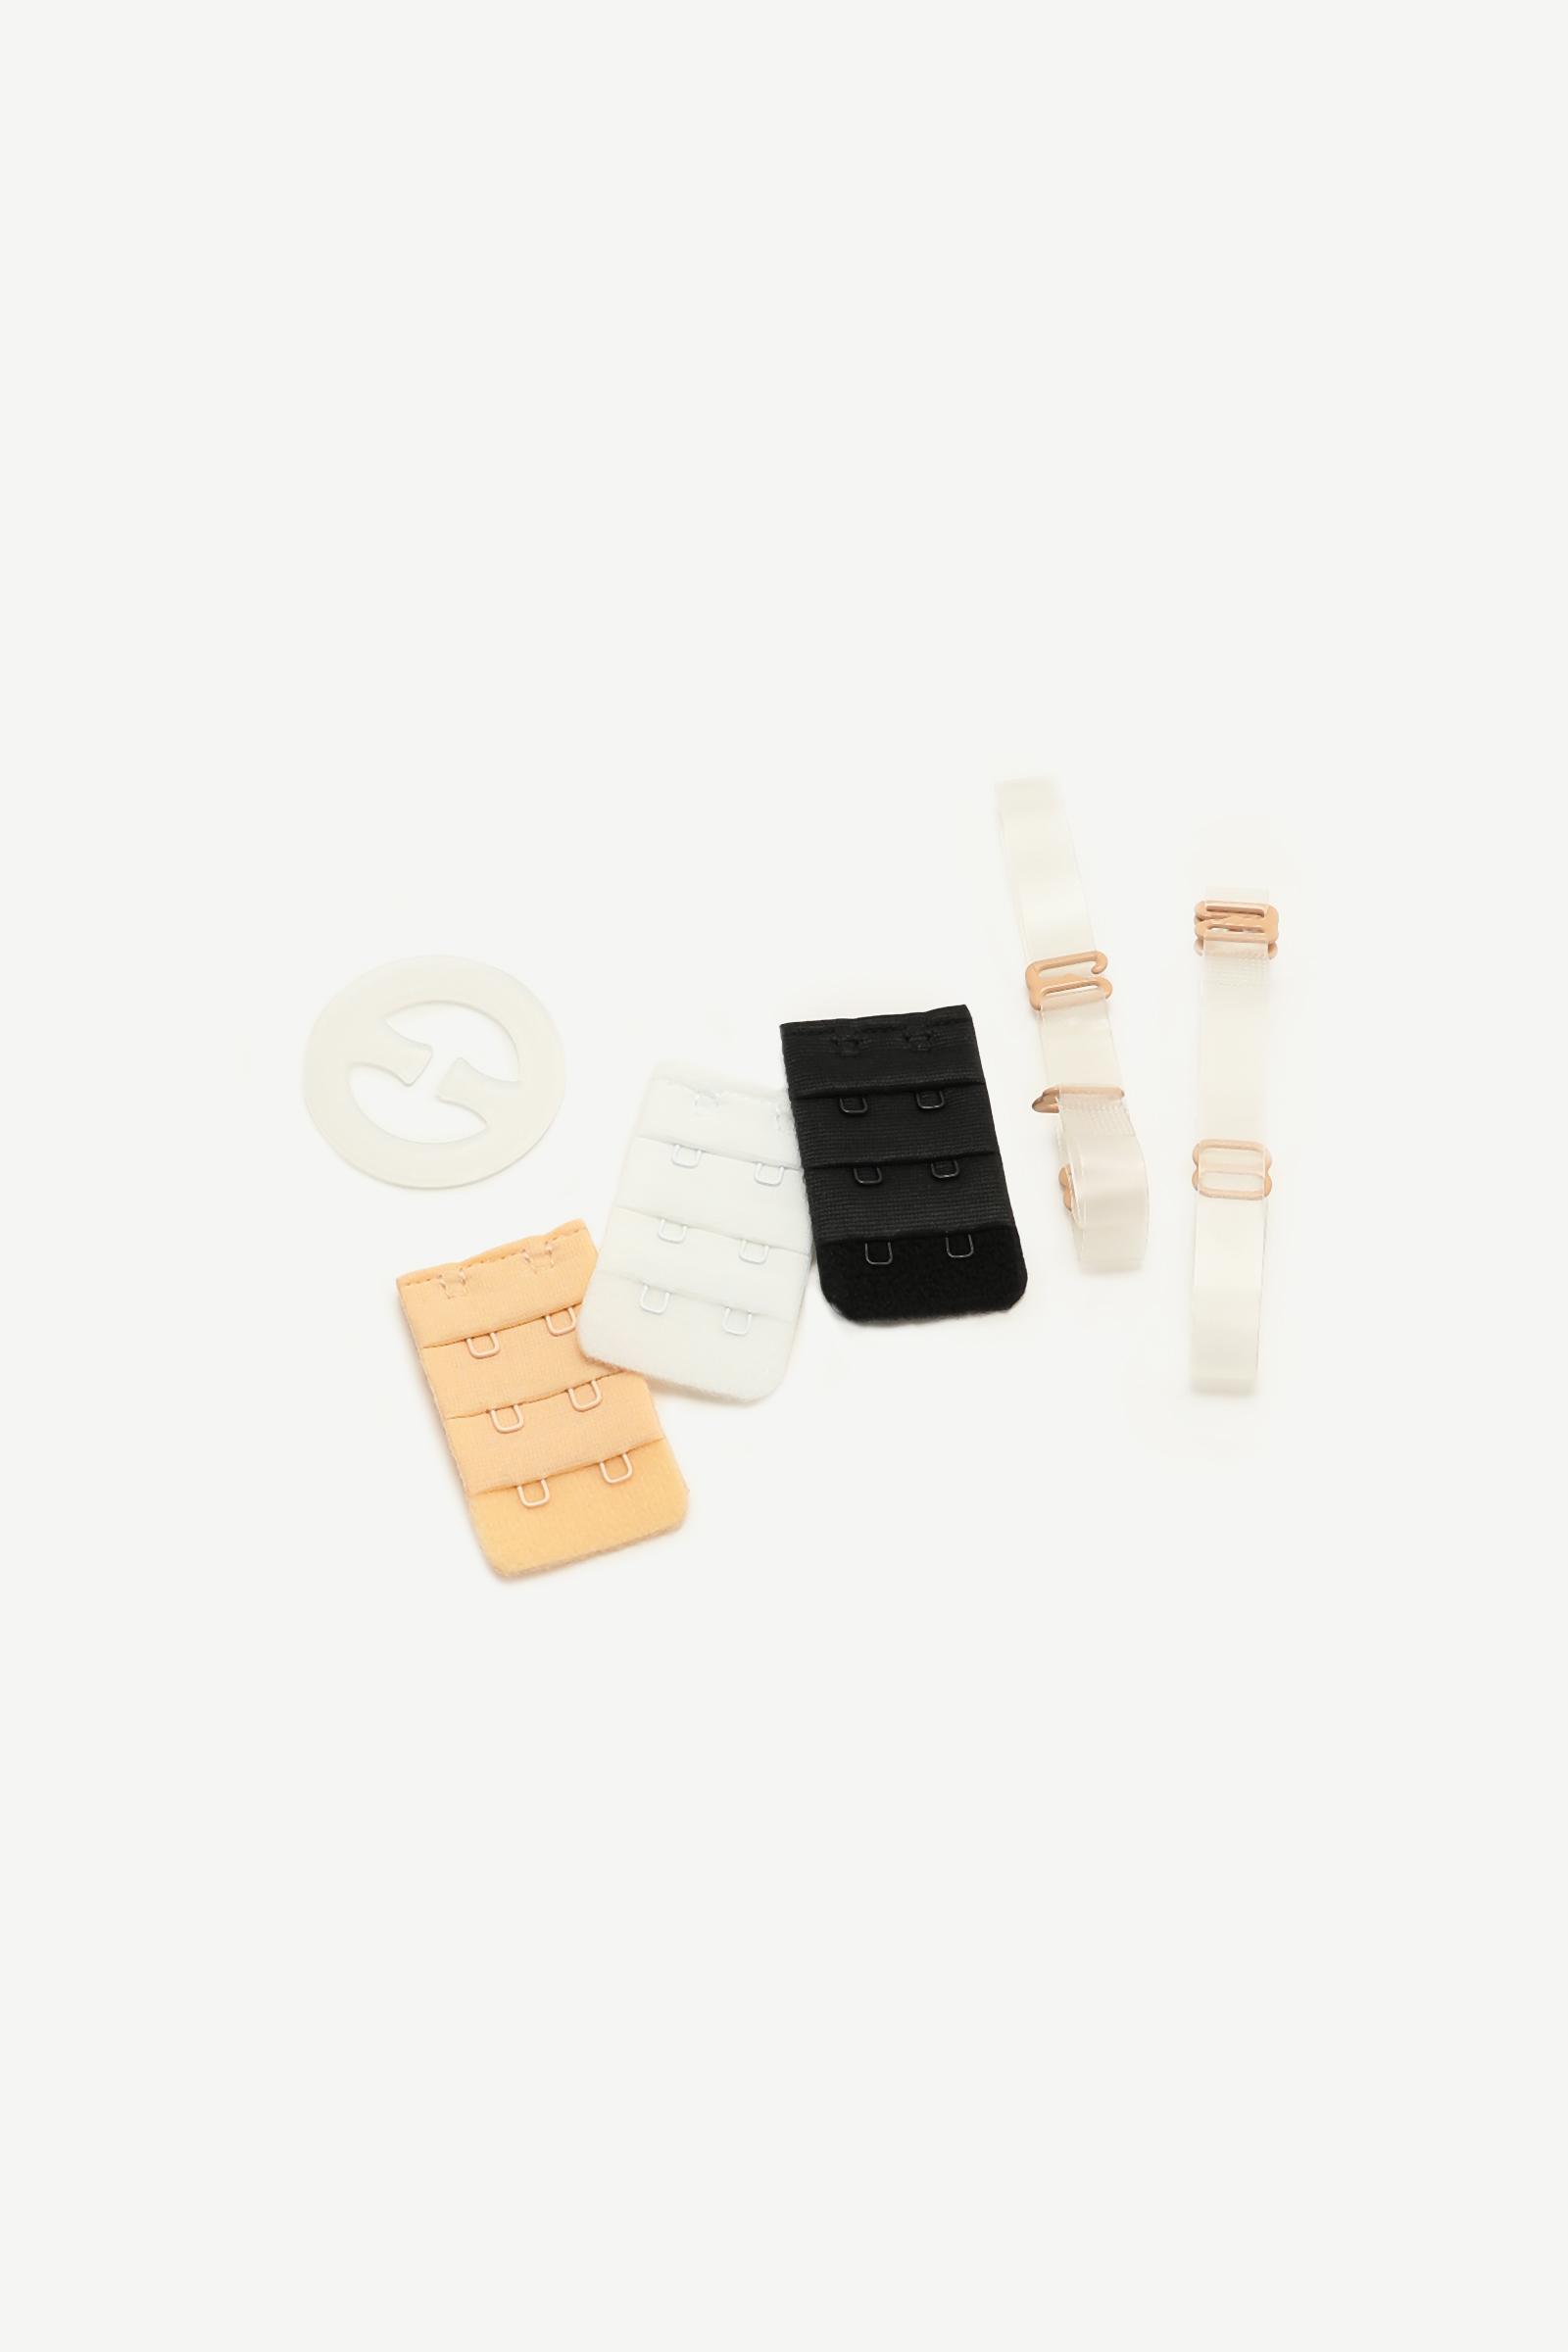 Accessoires pour soutiens-gorge